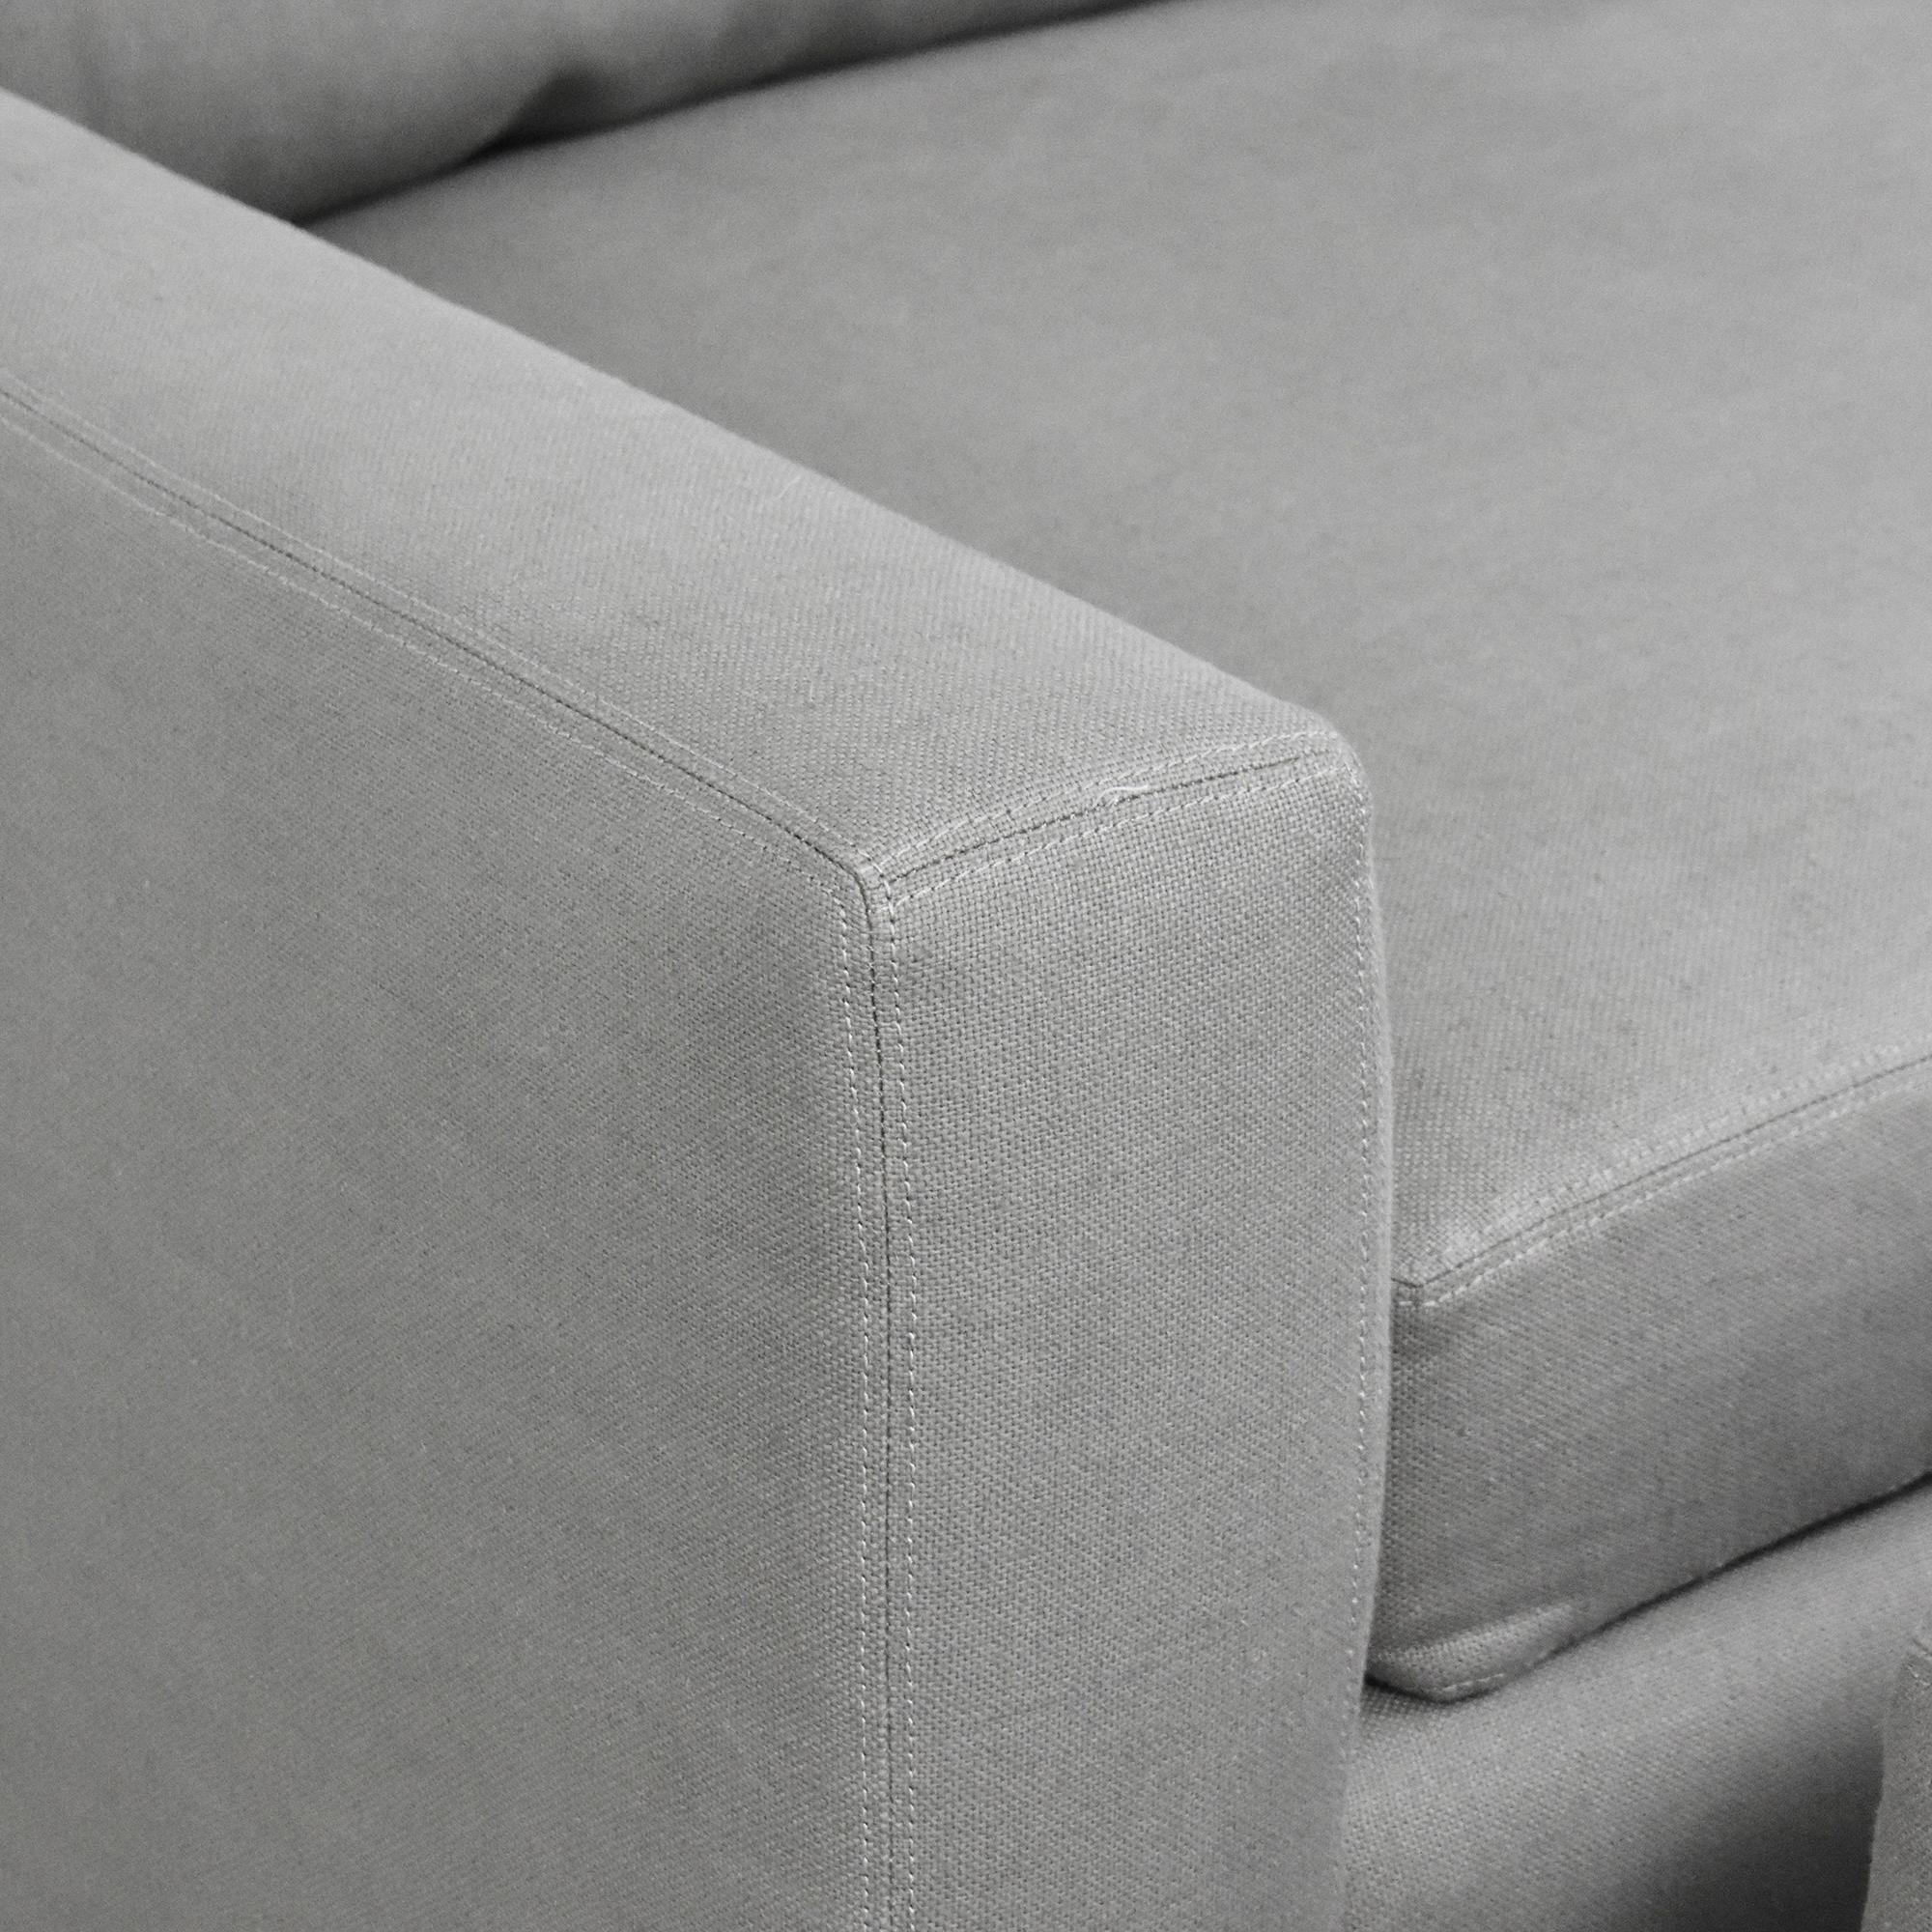 Restoration Hardware Restoration Hardware Maxwell Modular Sofa with Ottomans pa